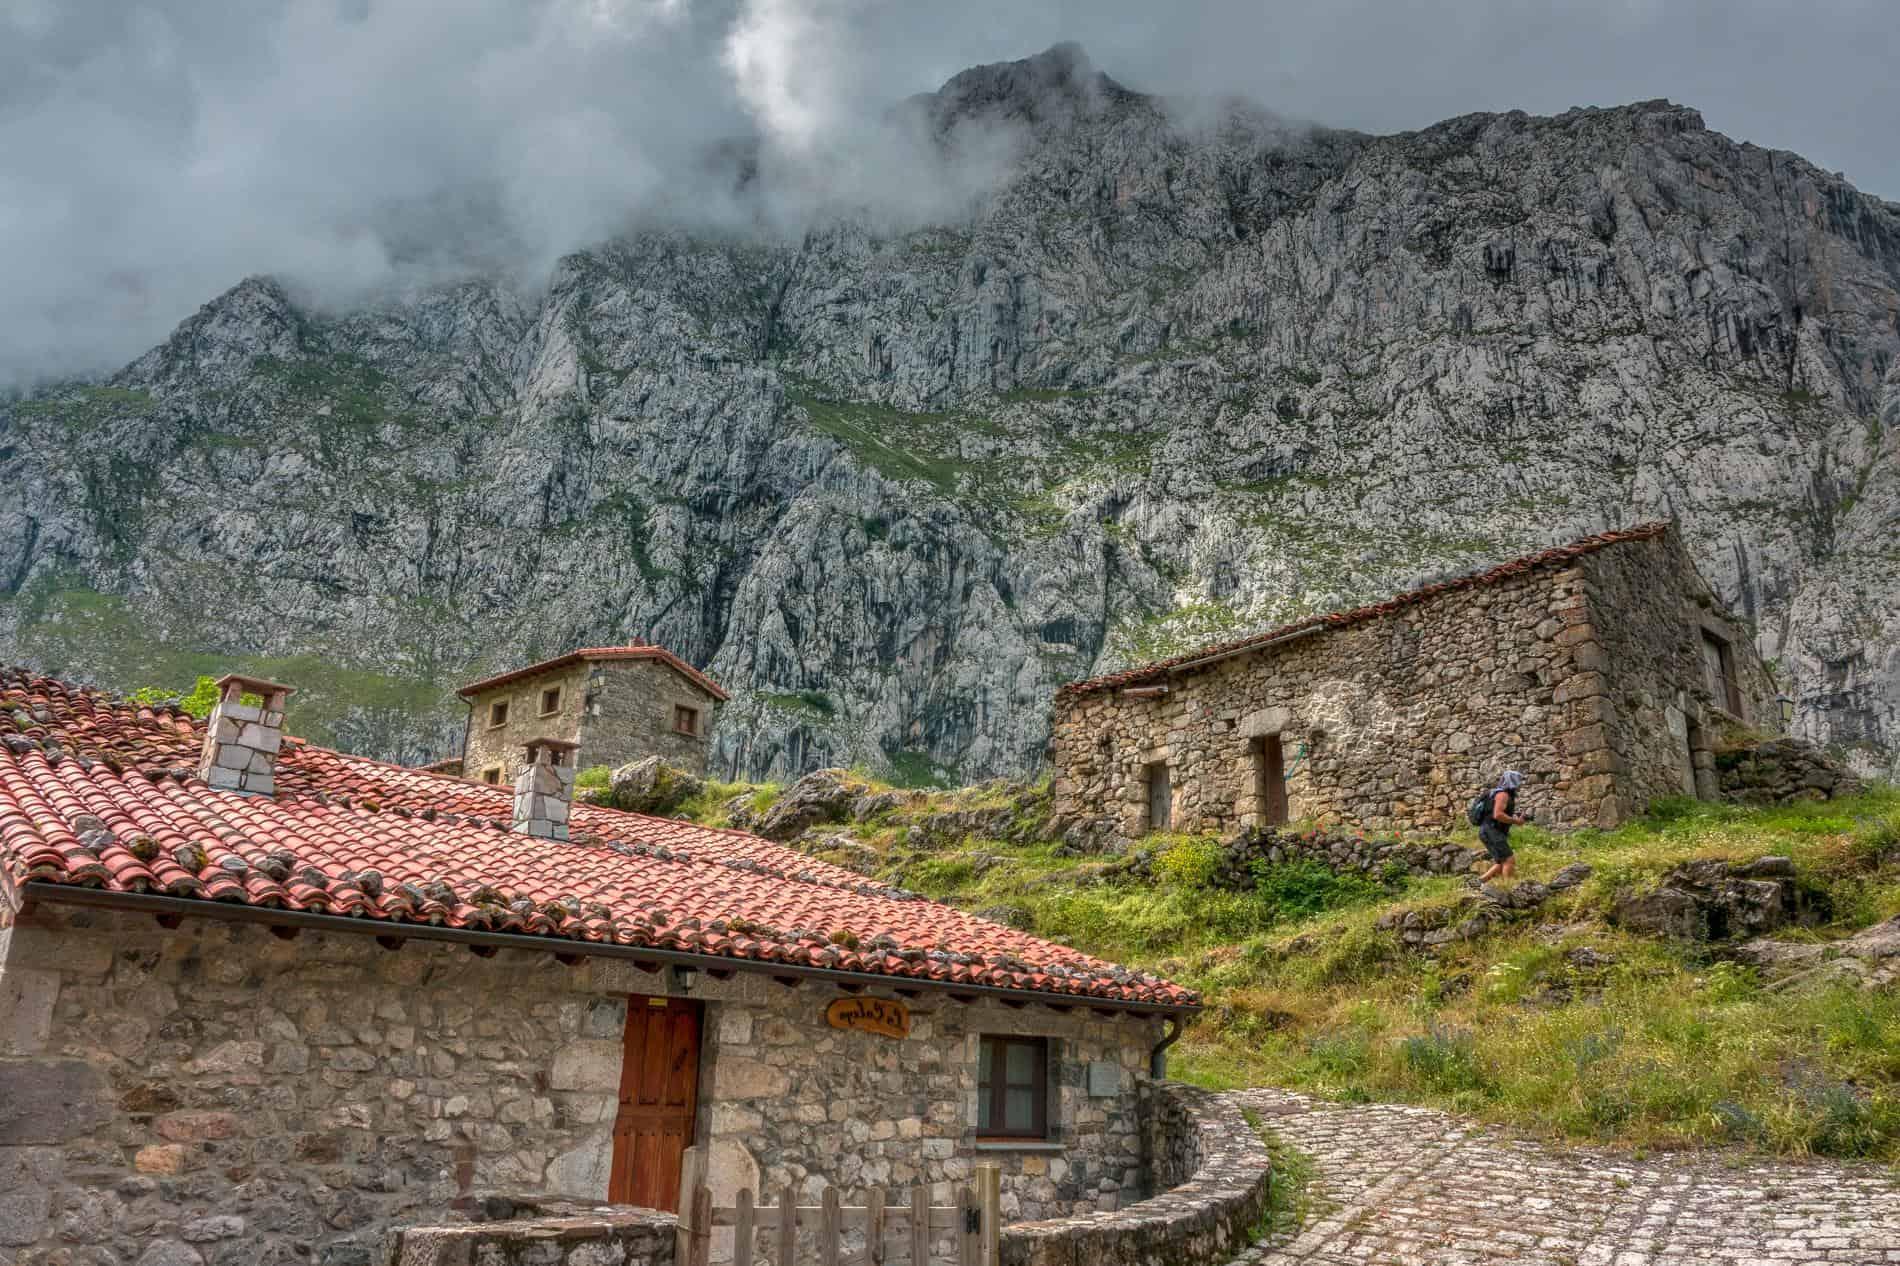 Case Di Montagna In Pietra : Legno e moderno per la casa di montagna